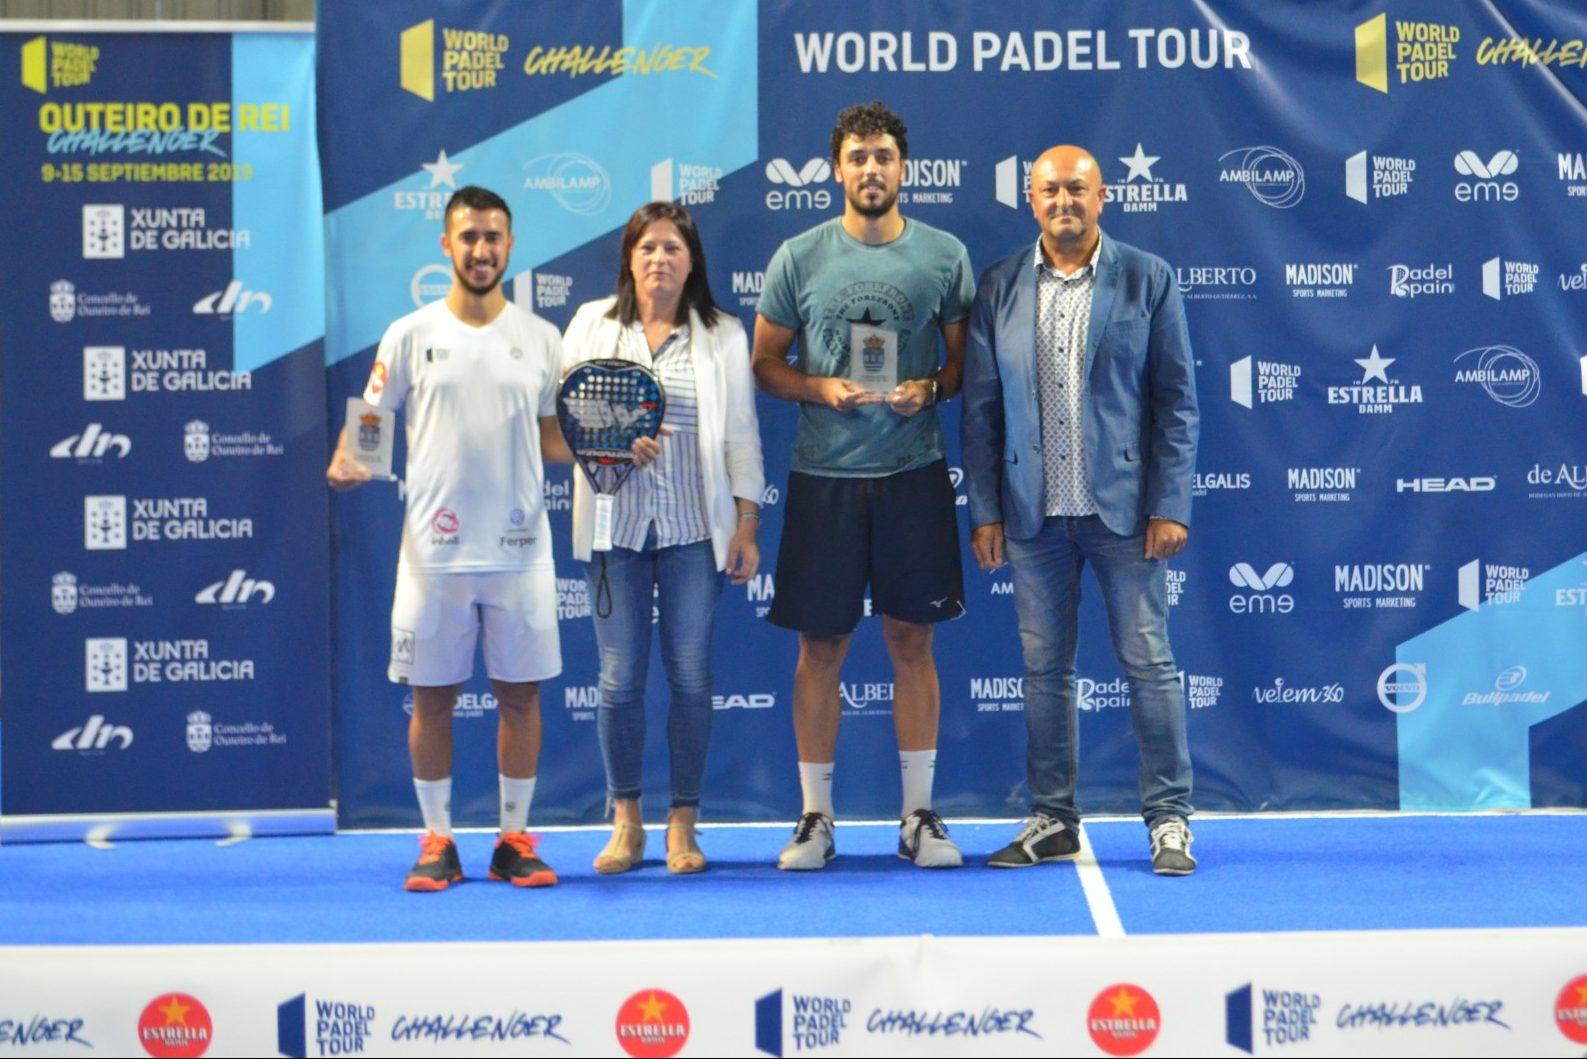 Cepero/Lijo vainqueurs du WPT Challenger Outeiro de Rei